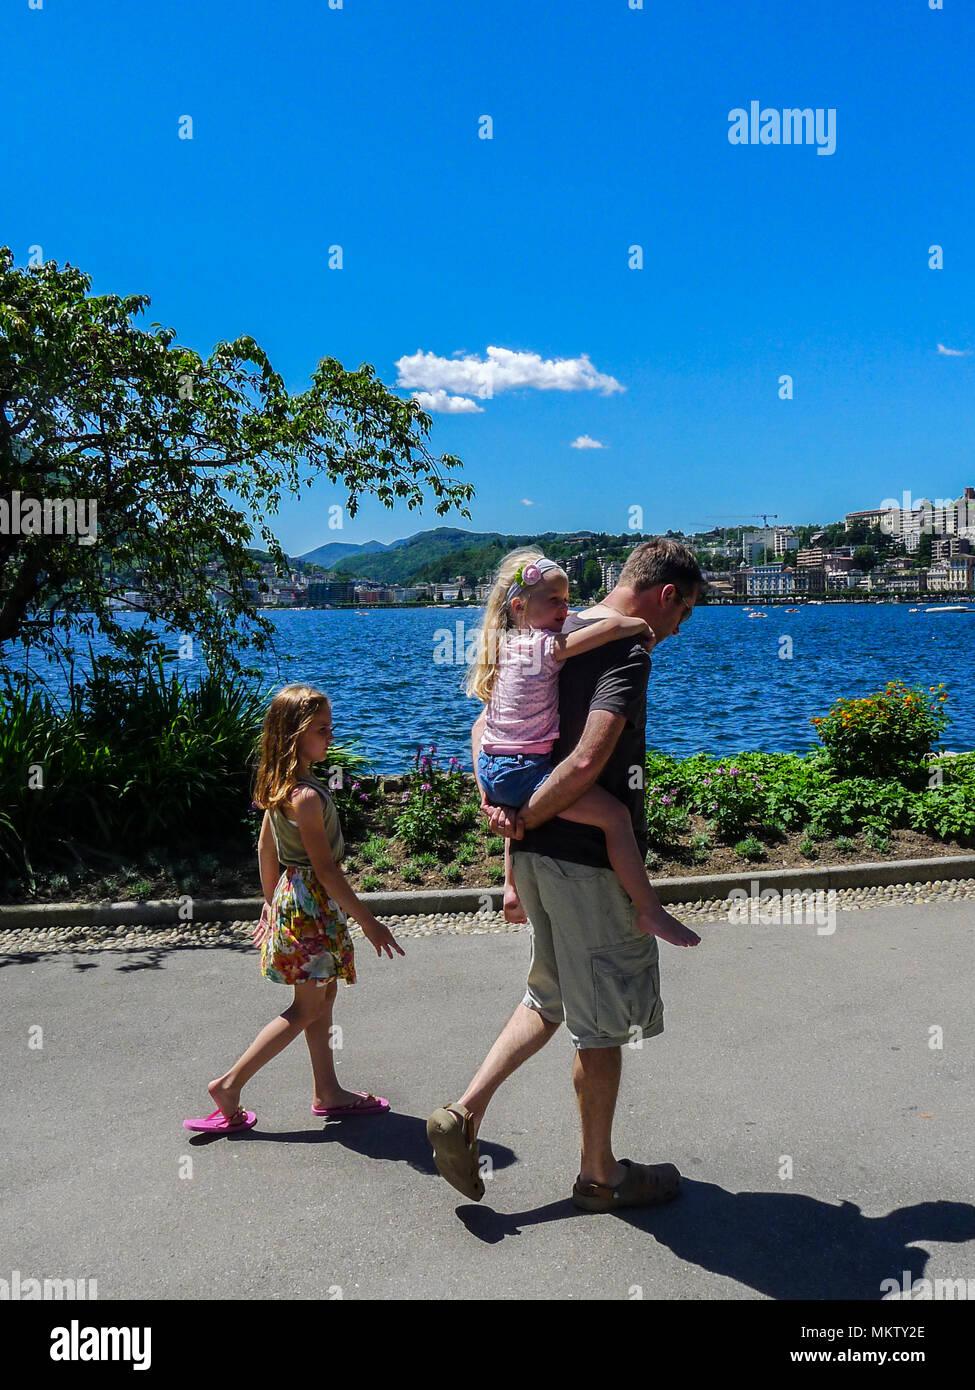 Padre hija papá niño niña kid piggyback piggy back soleados días de verano, la vida familiar de Lugano (Suiza) el día del padre concepto agregativas de conexión Imagen De Stock